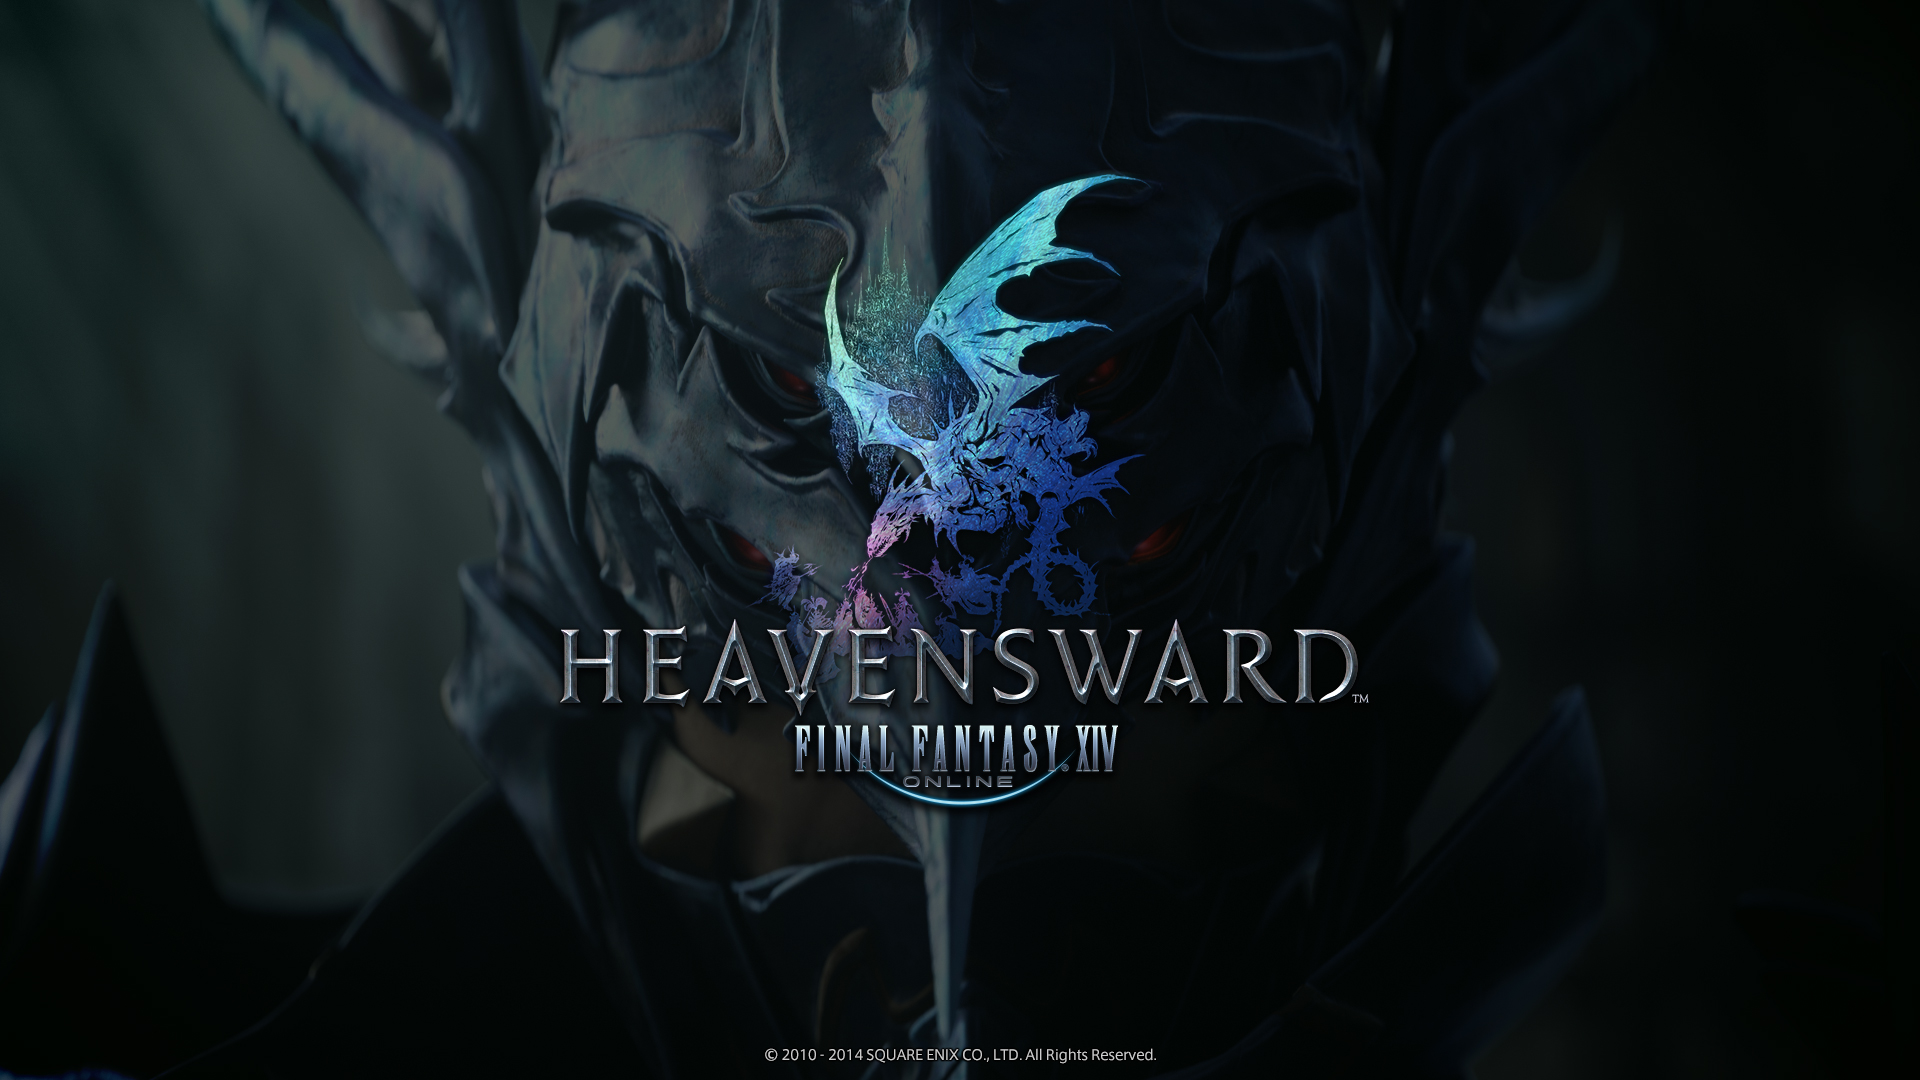 ff14 heavensward